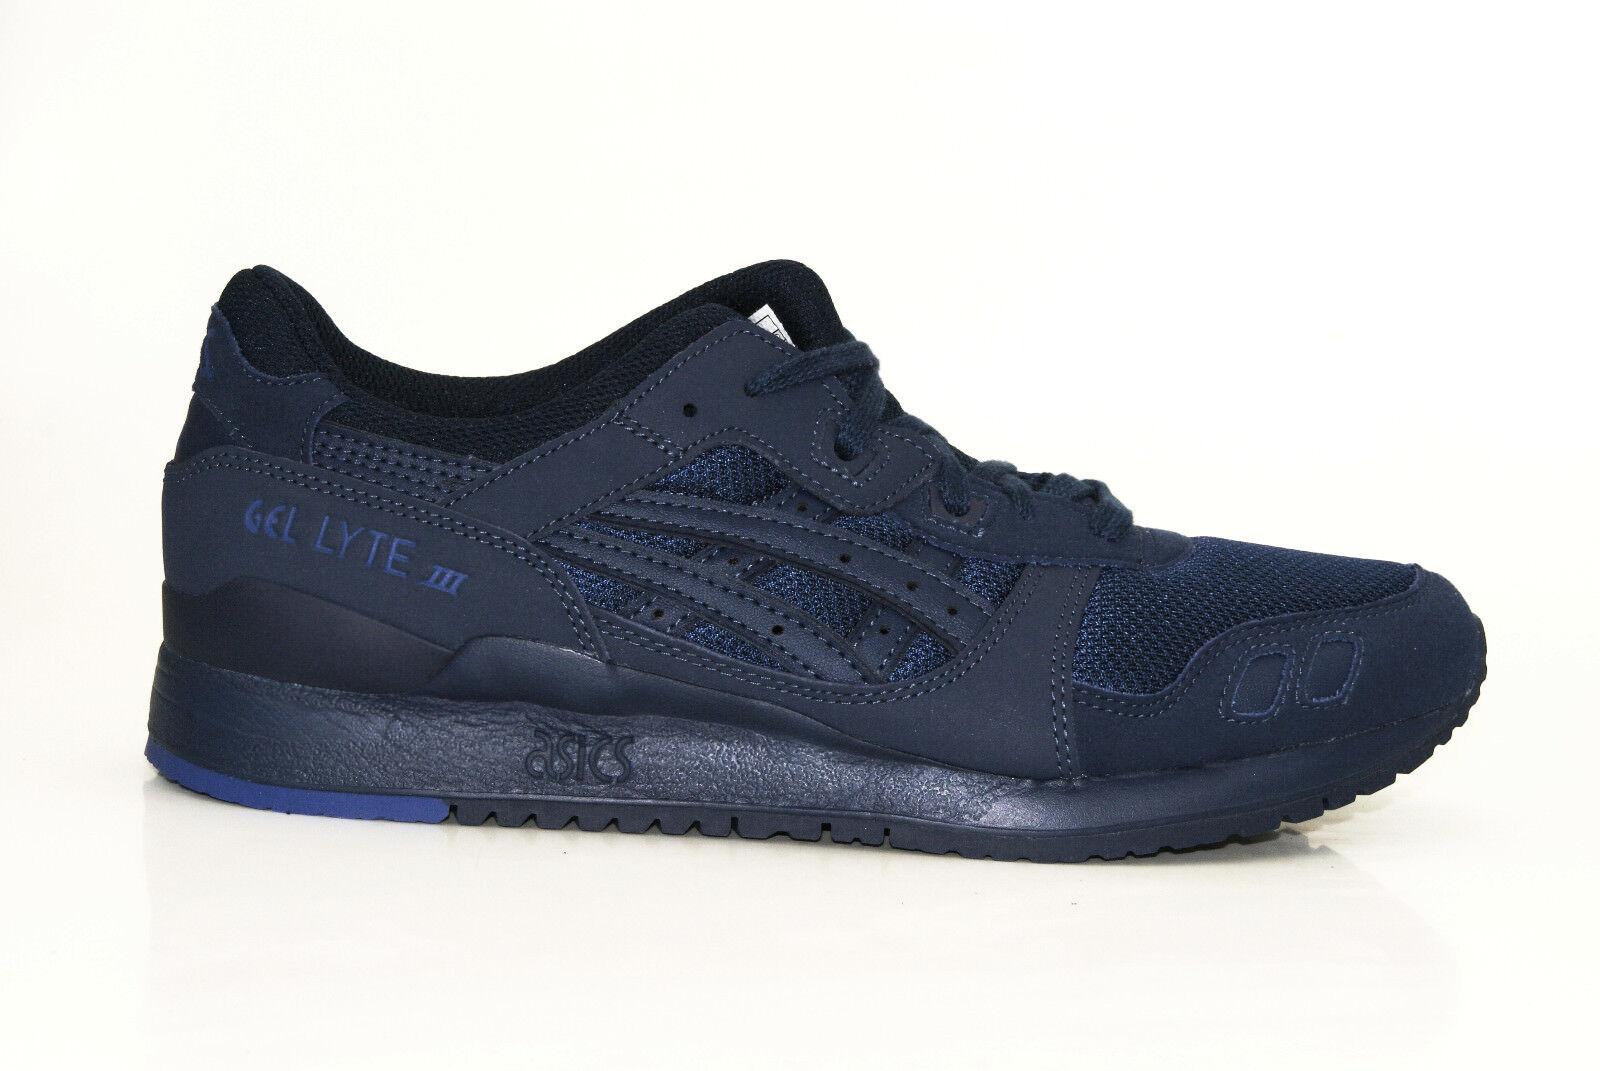 Asics gel-Lyte III 3 zapatillas de deporte zapatillas para correr sneakers señores señora h7n3n-4949